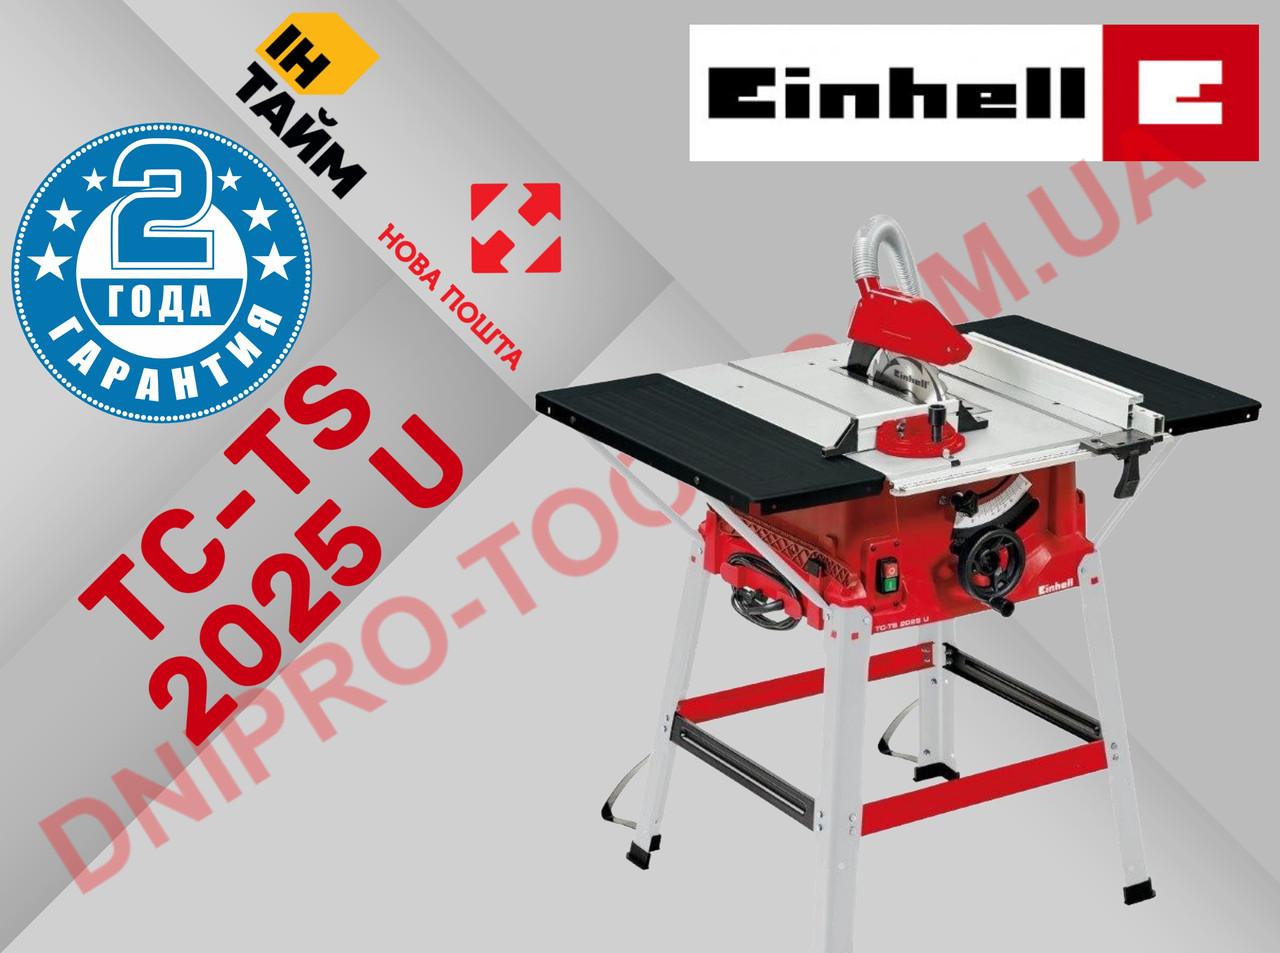 Циркулярка, Настольная циркулярная пила  Einhell TC-TS 2025 U (Германия) (4340540)